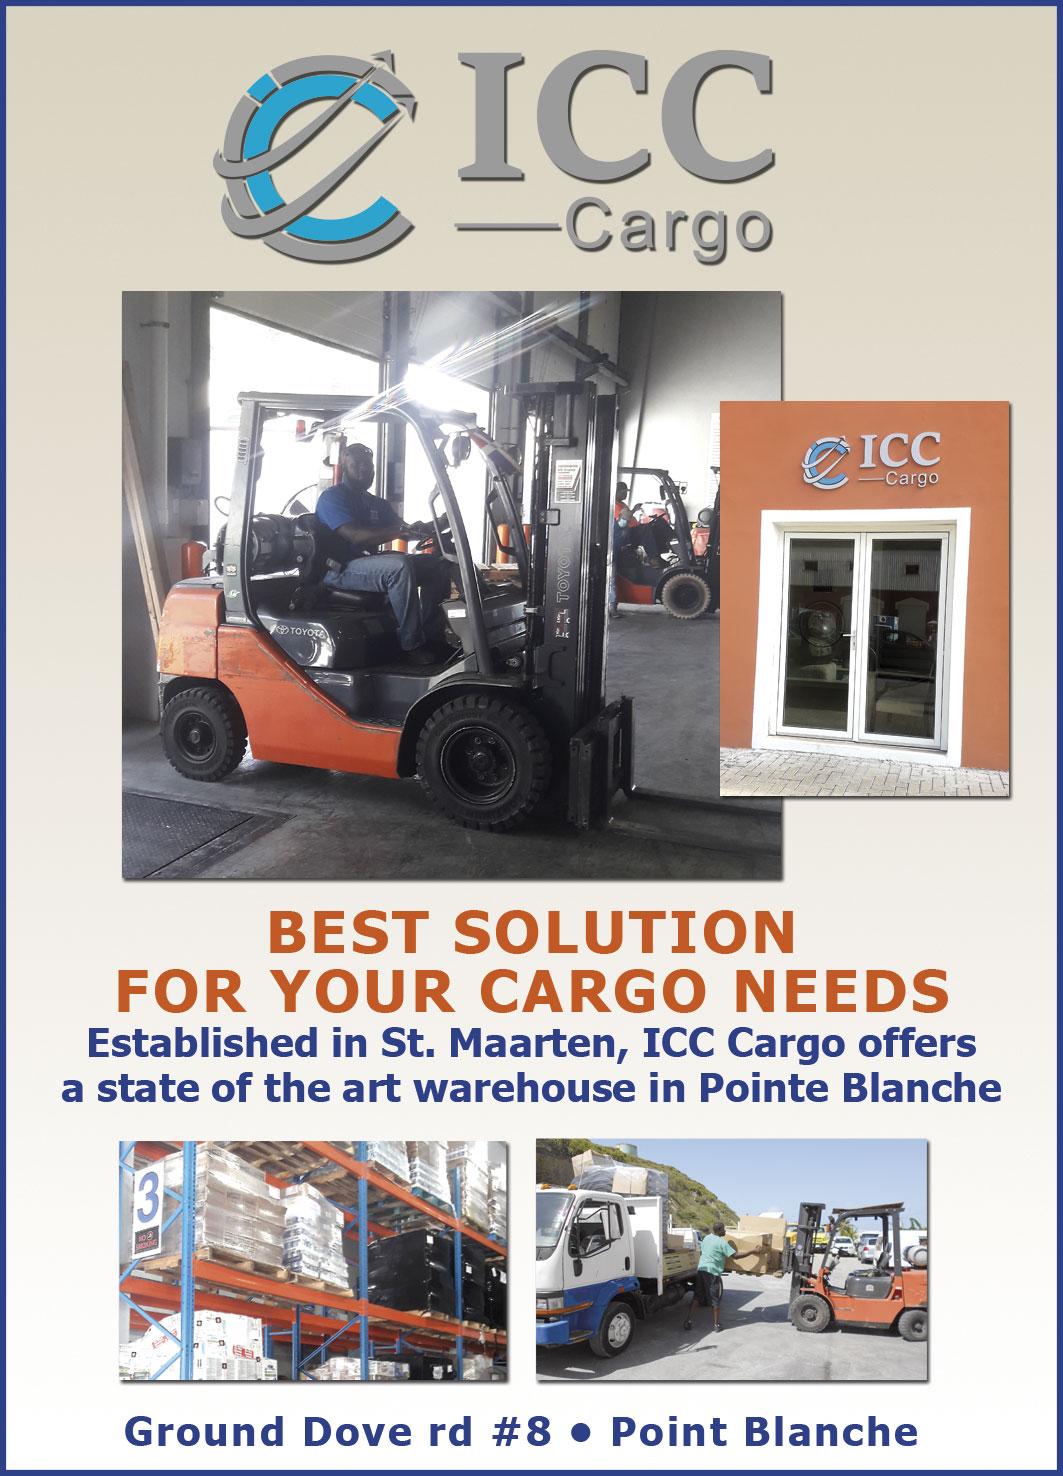 St Maarten Telephone Directory - ICC Cargo